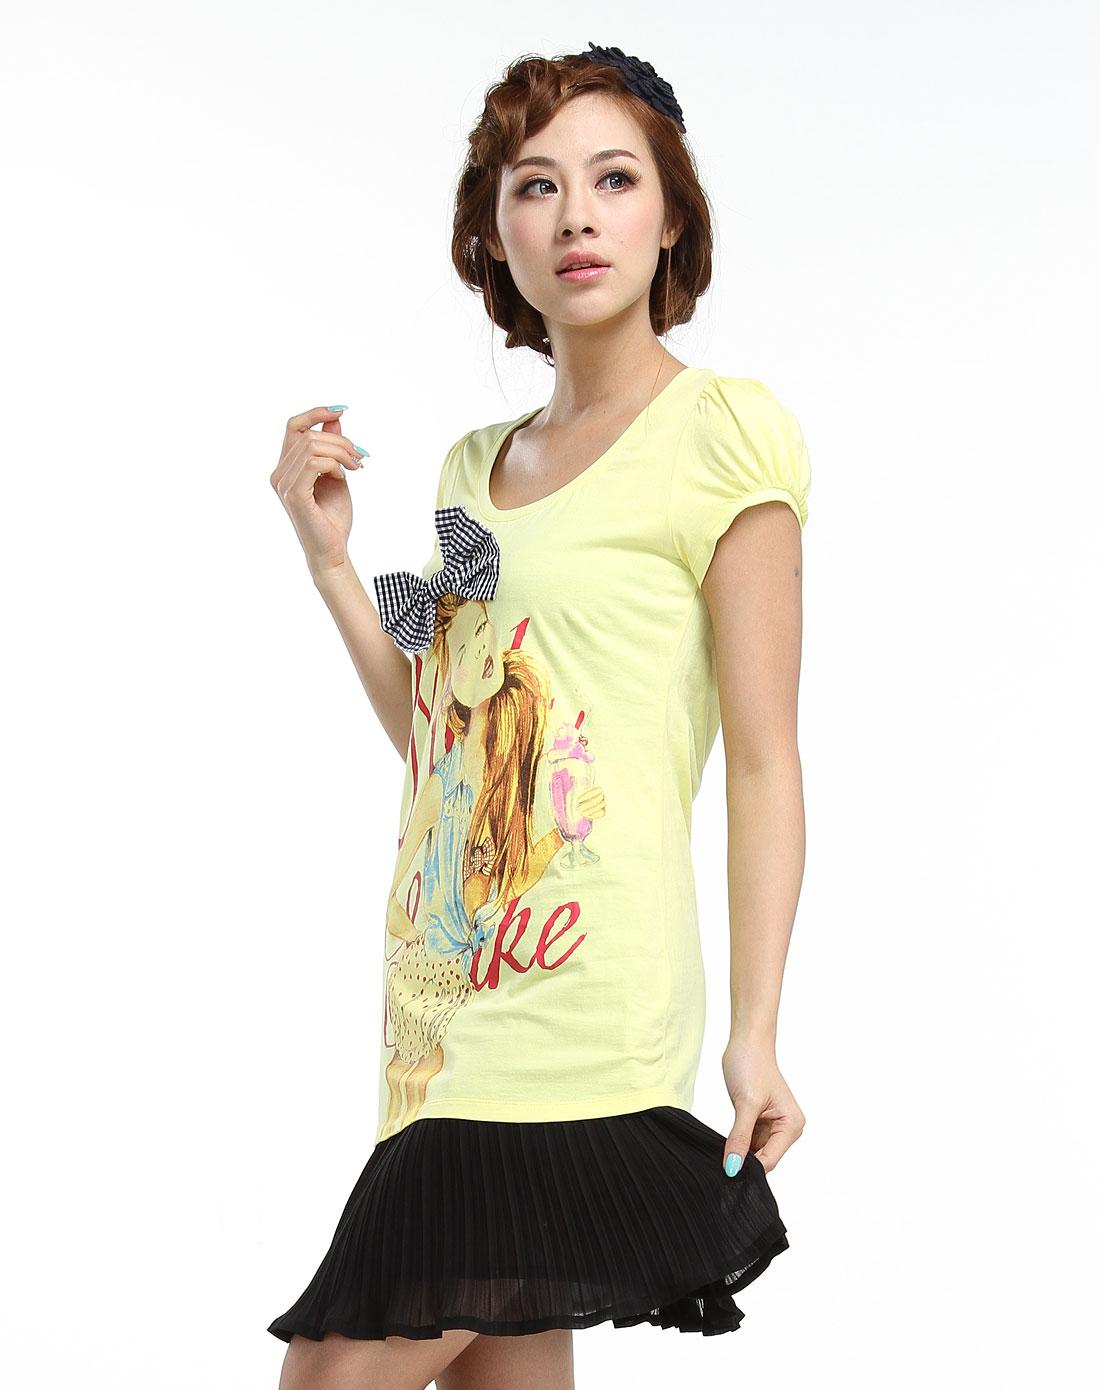 手绘可爱少女黄色短袖t恤